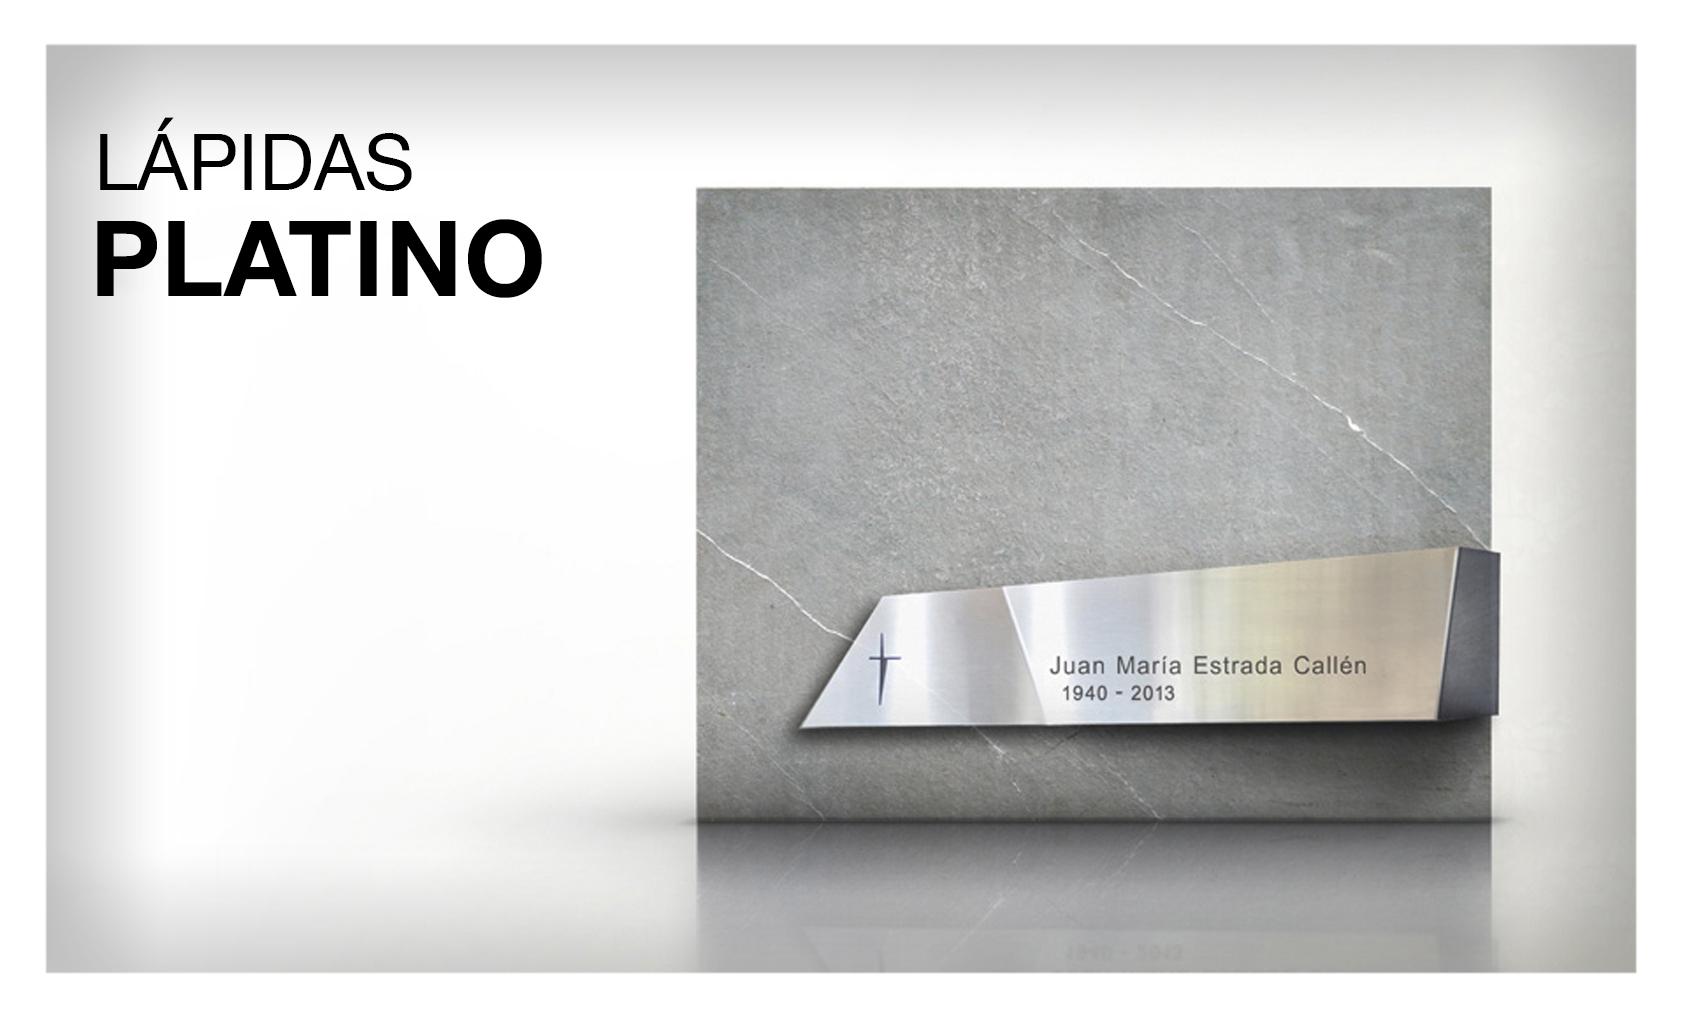 lápidas platino